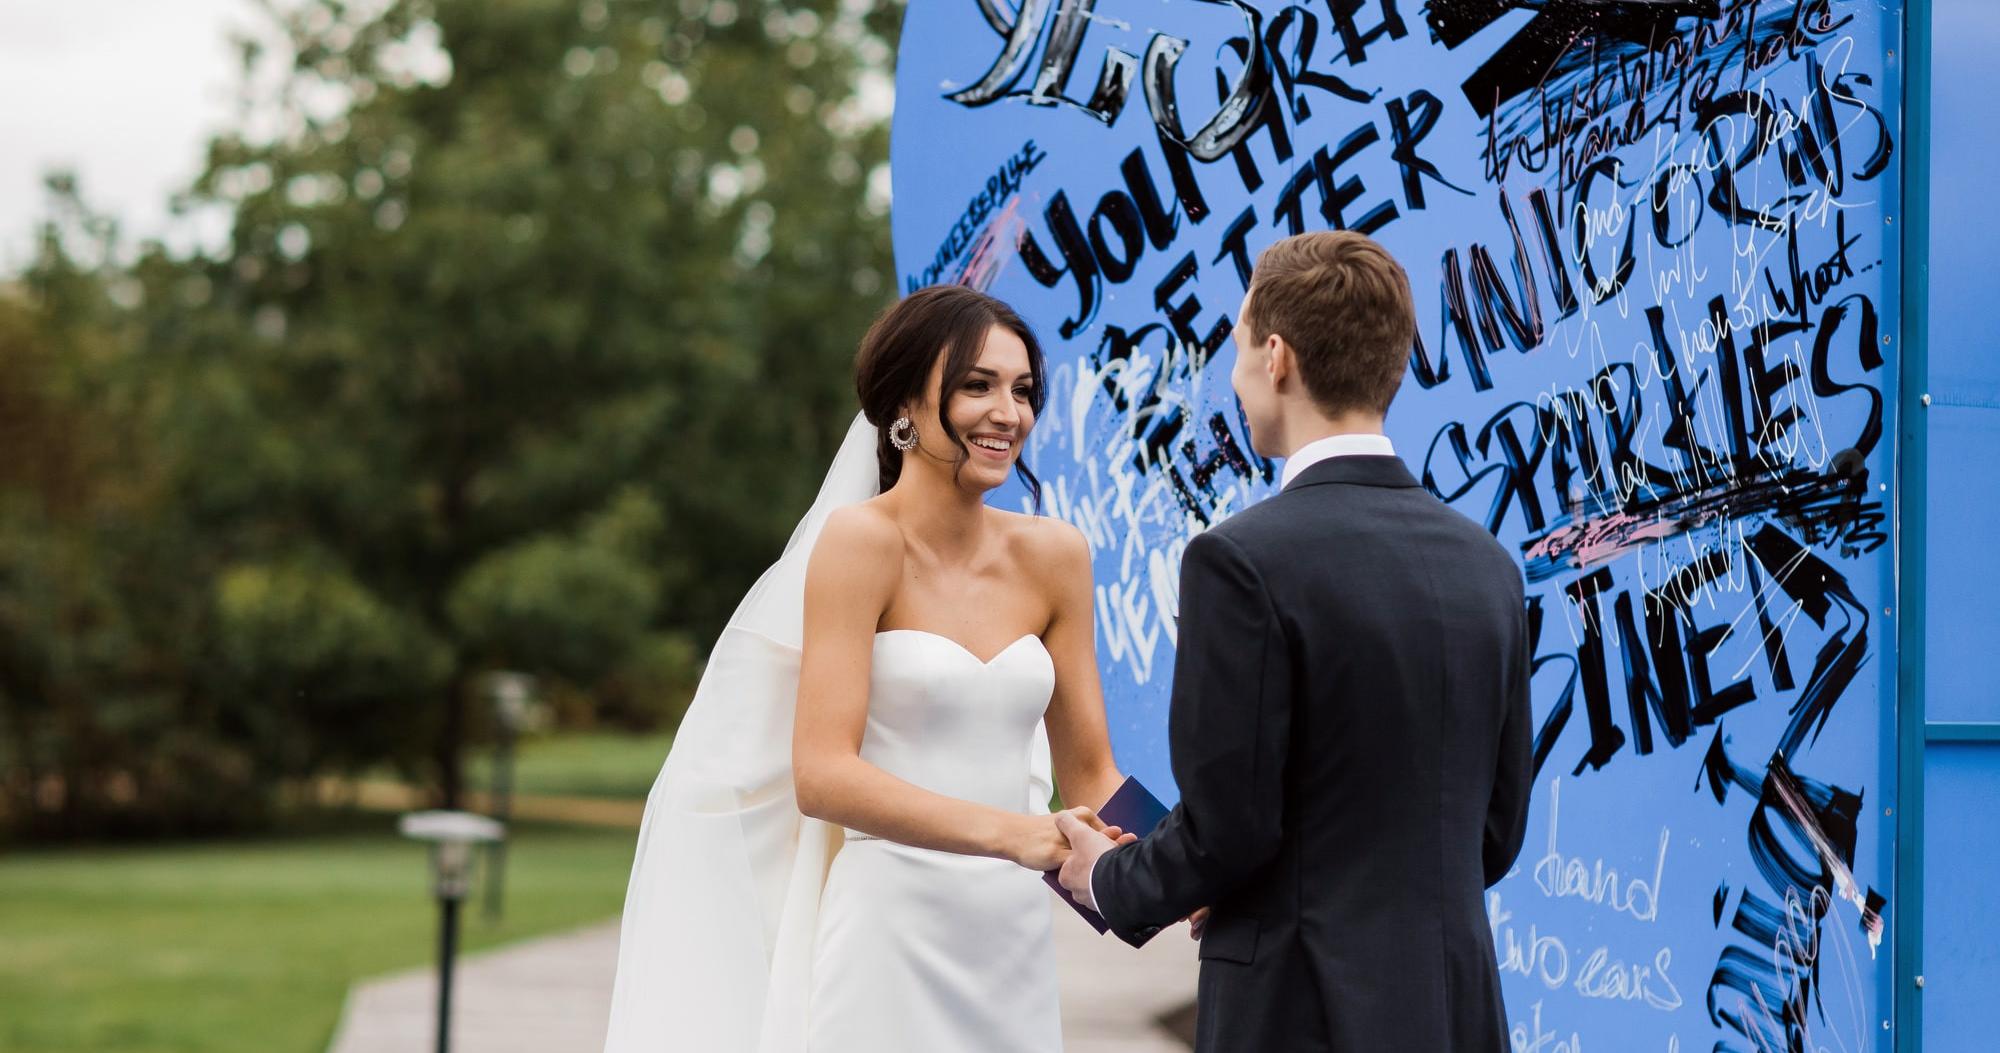 Яркая свадьба с церемонией у большого синего